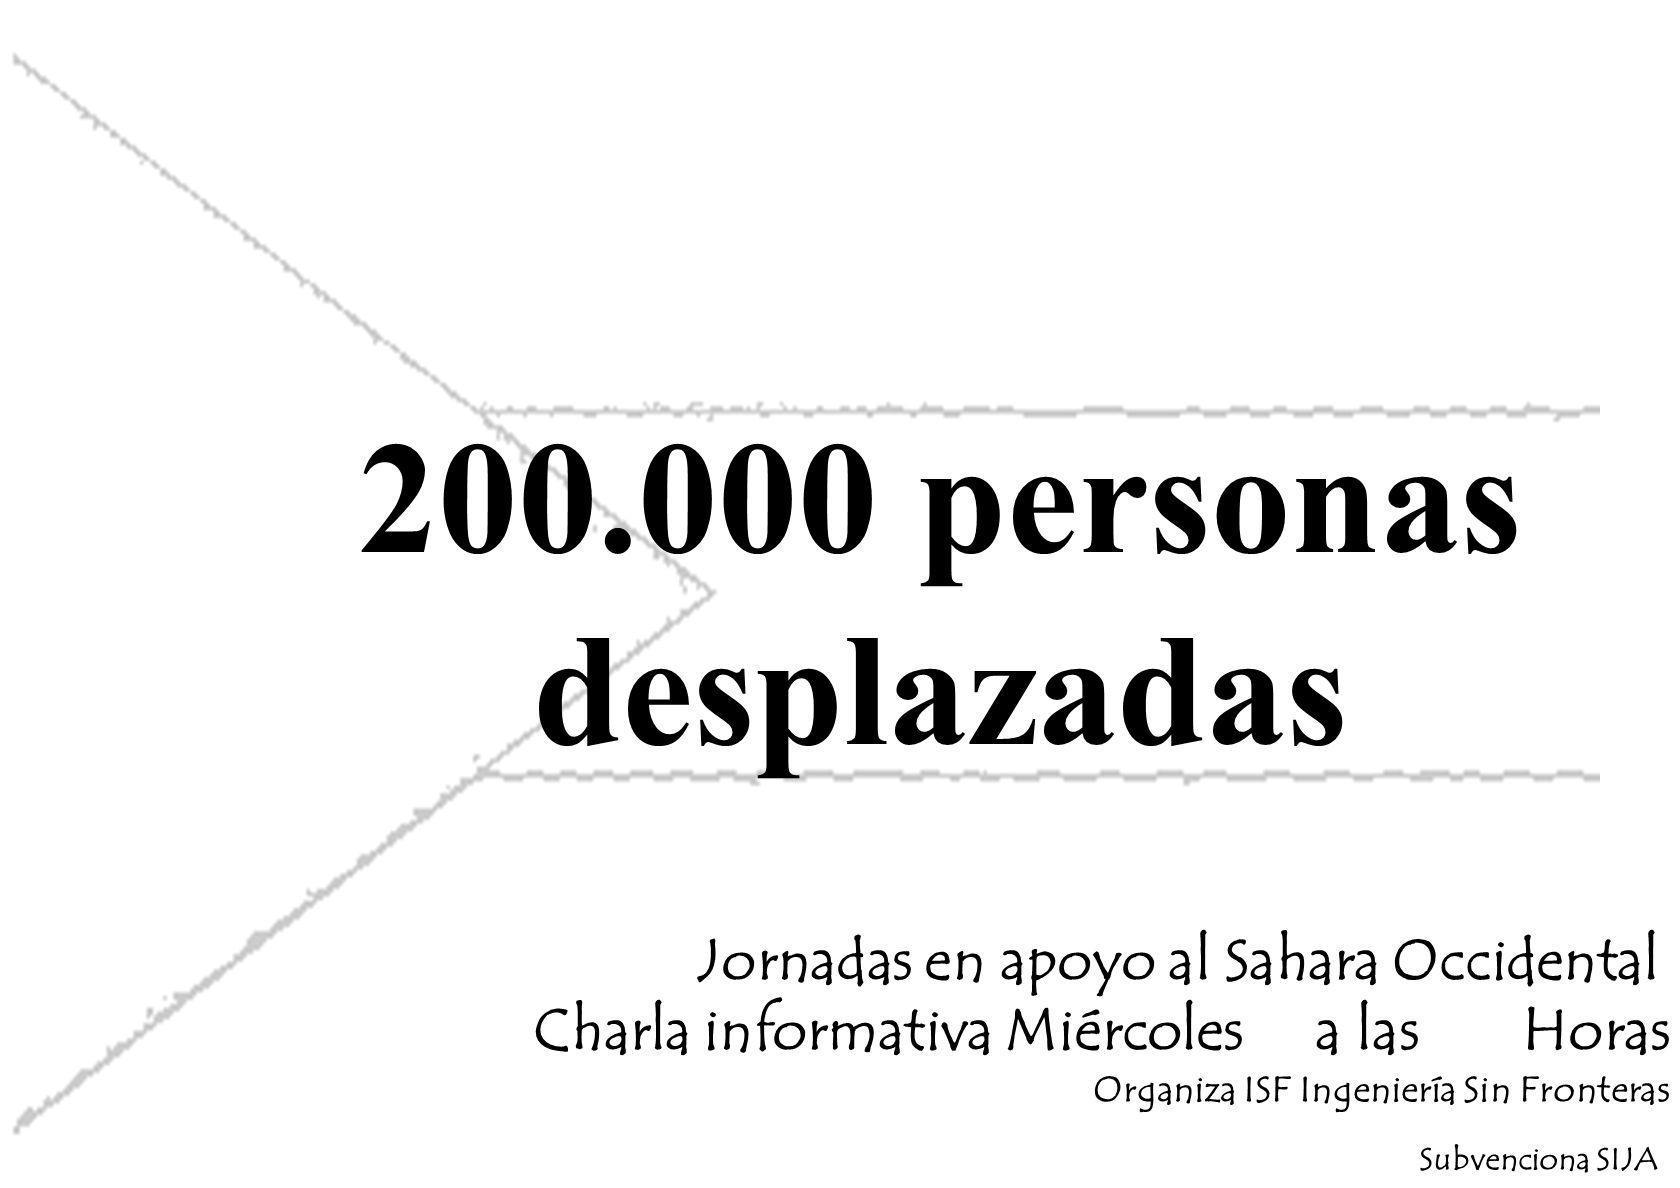 200.000 personas desplazadas Jornadas en apoyo al Sahara Occidental Charla informativa Miércoles a las Horas Organiza ISF Ingeniería Sin Fronteras Subvenciona SIJA